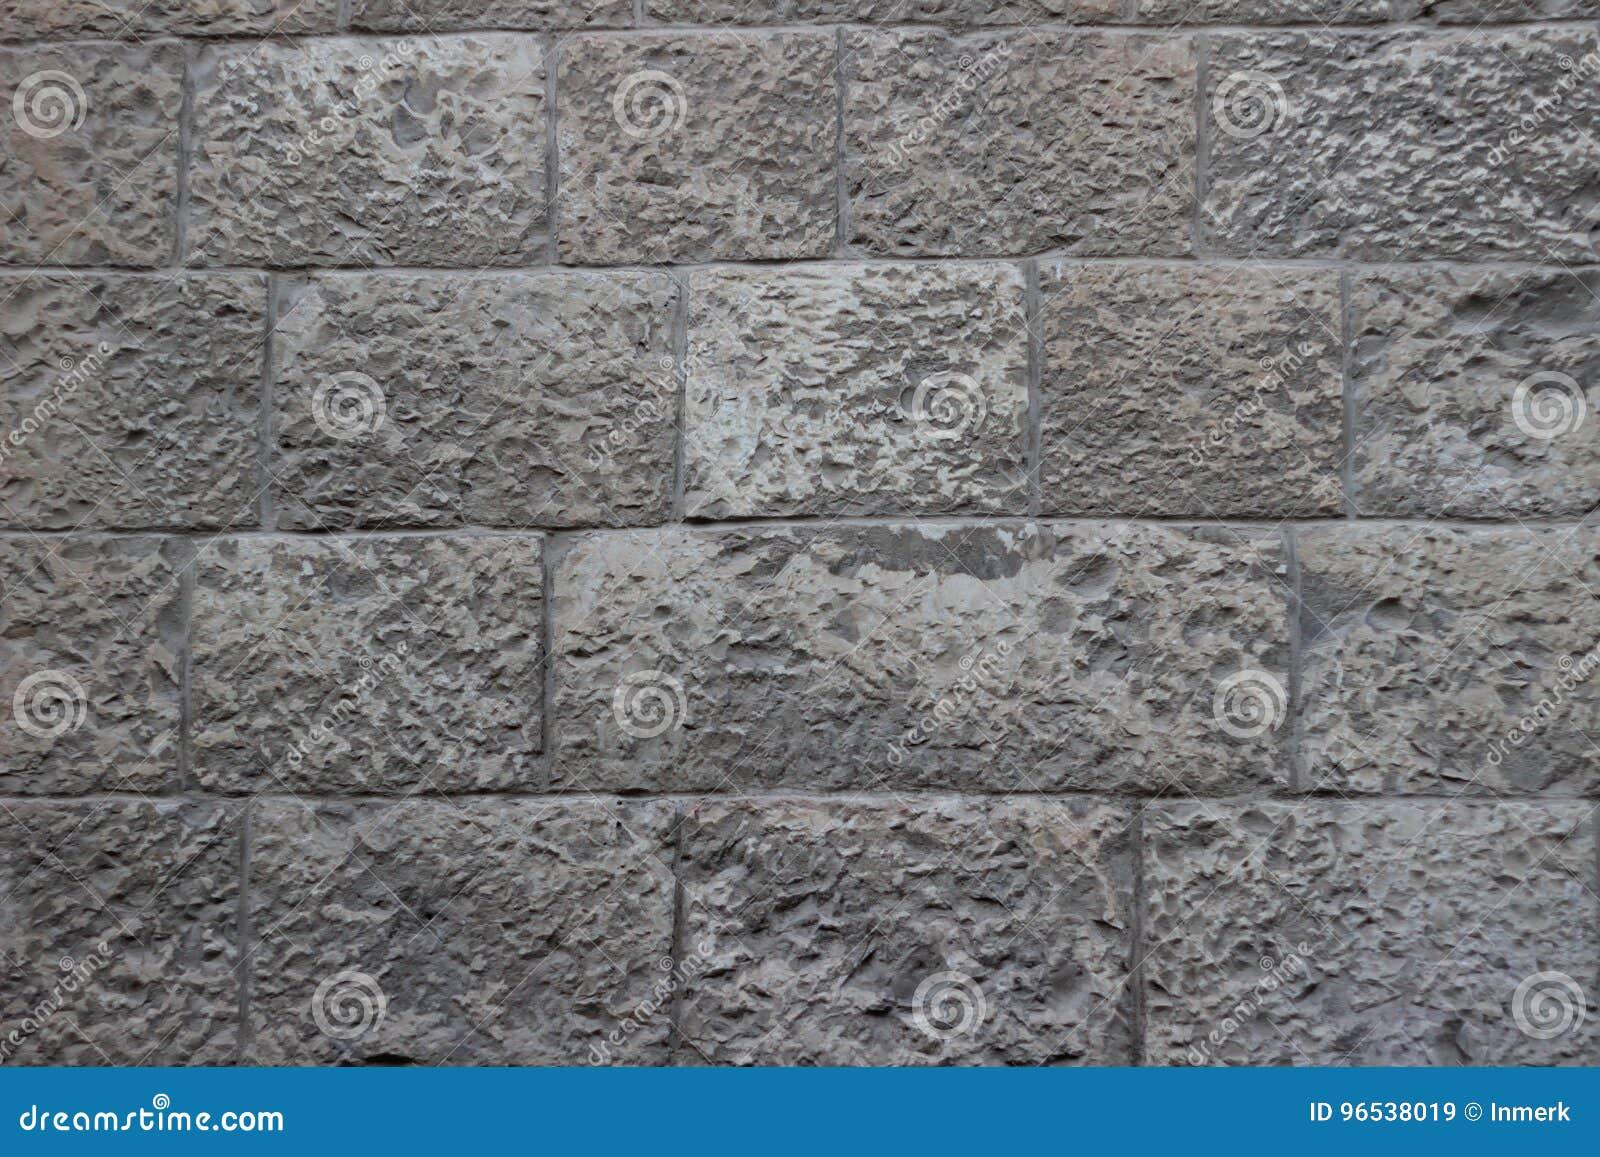 耶路撒冷石头纹理米黄和灰色块老墙壁